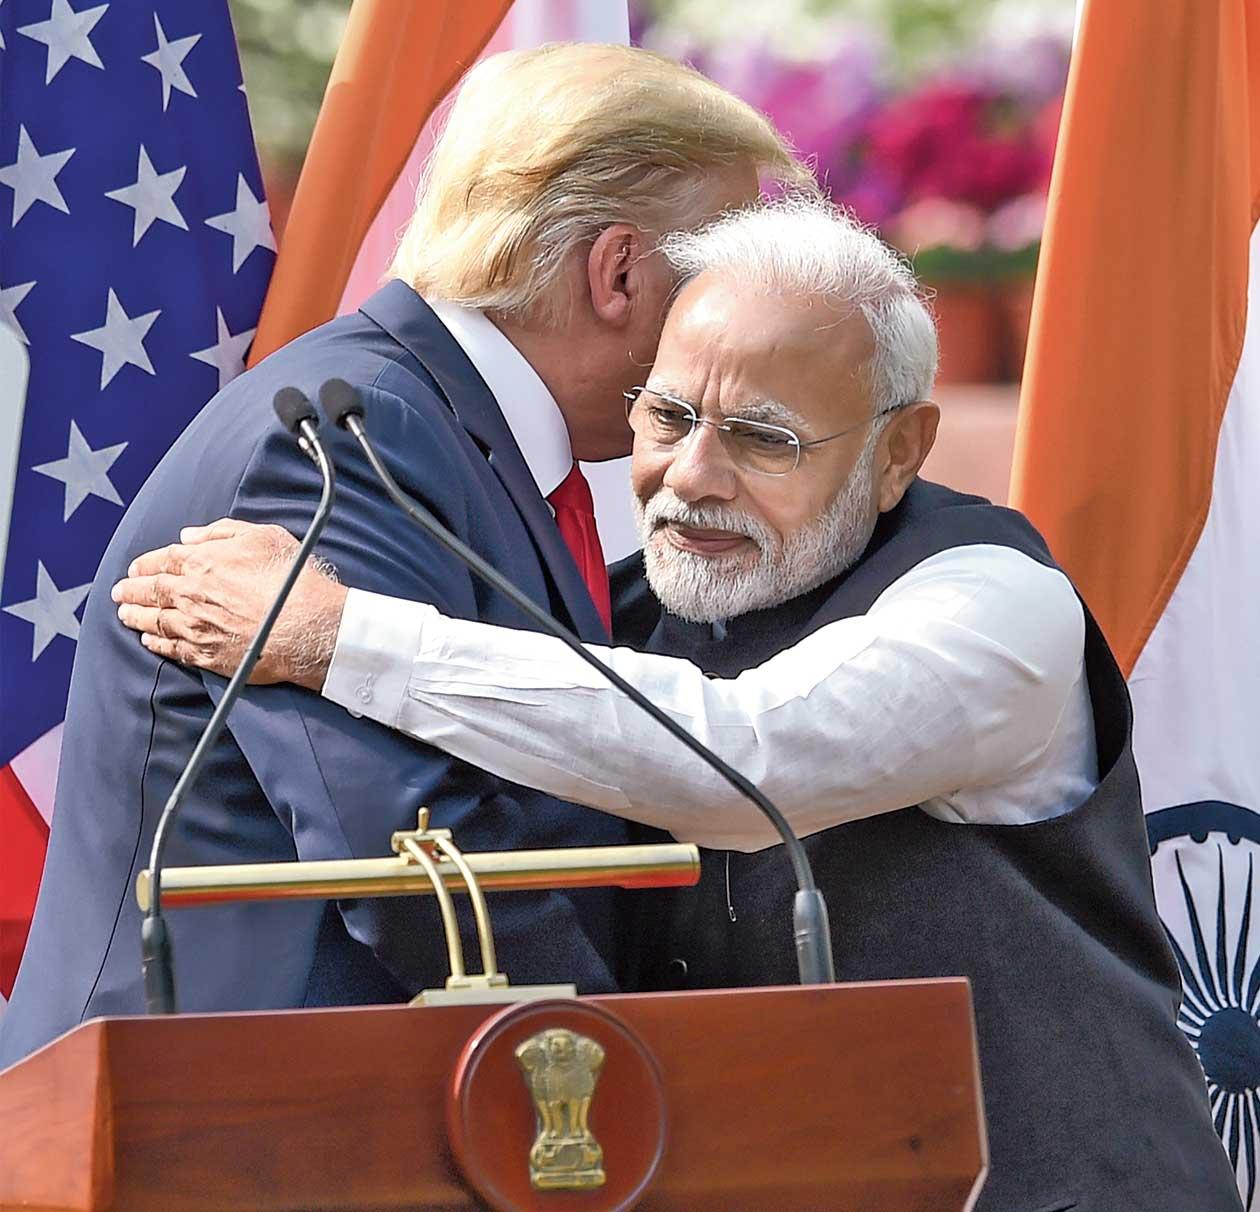 Donald Trump and Narendra Modi hug each other in New Delhi.